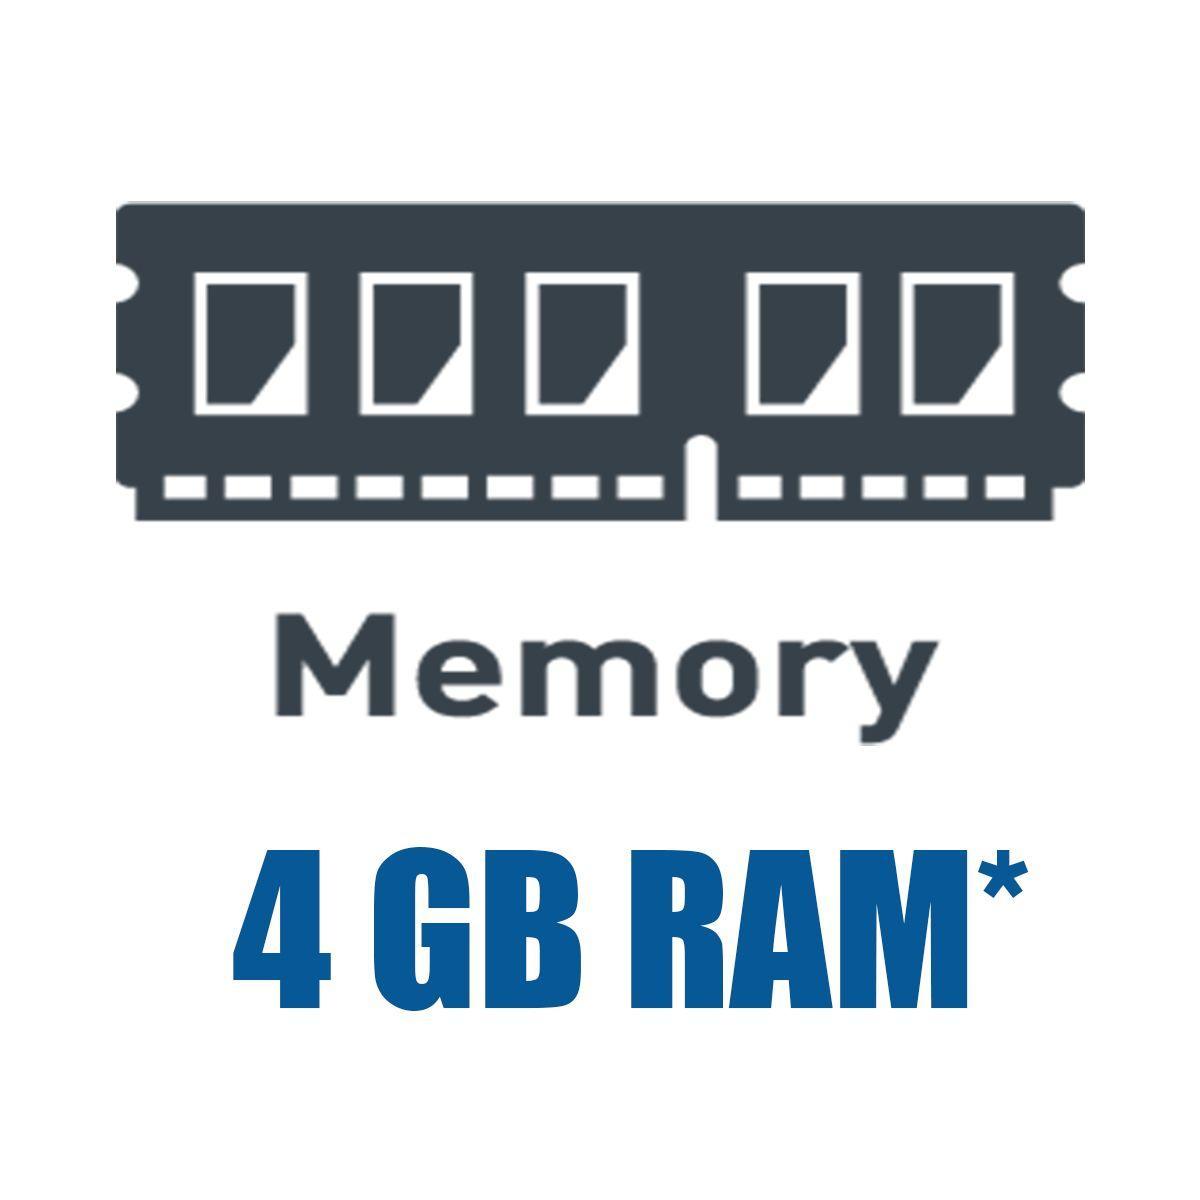 Модификация: Увеличение оперативной памяти на 4 GB (2x 2GB)